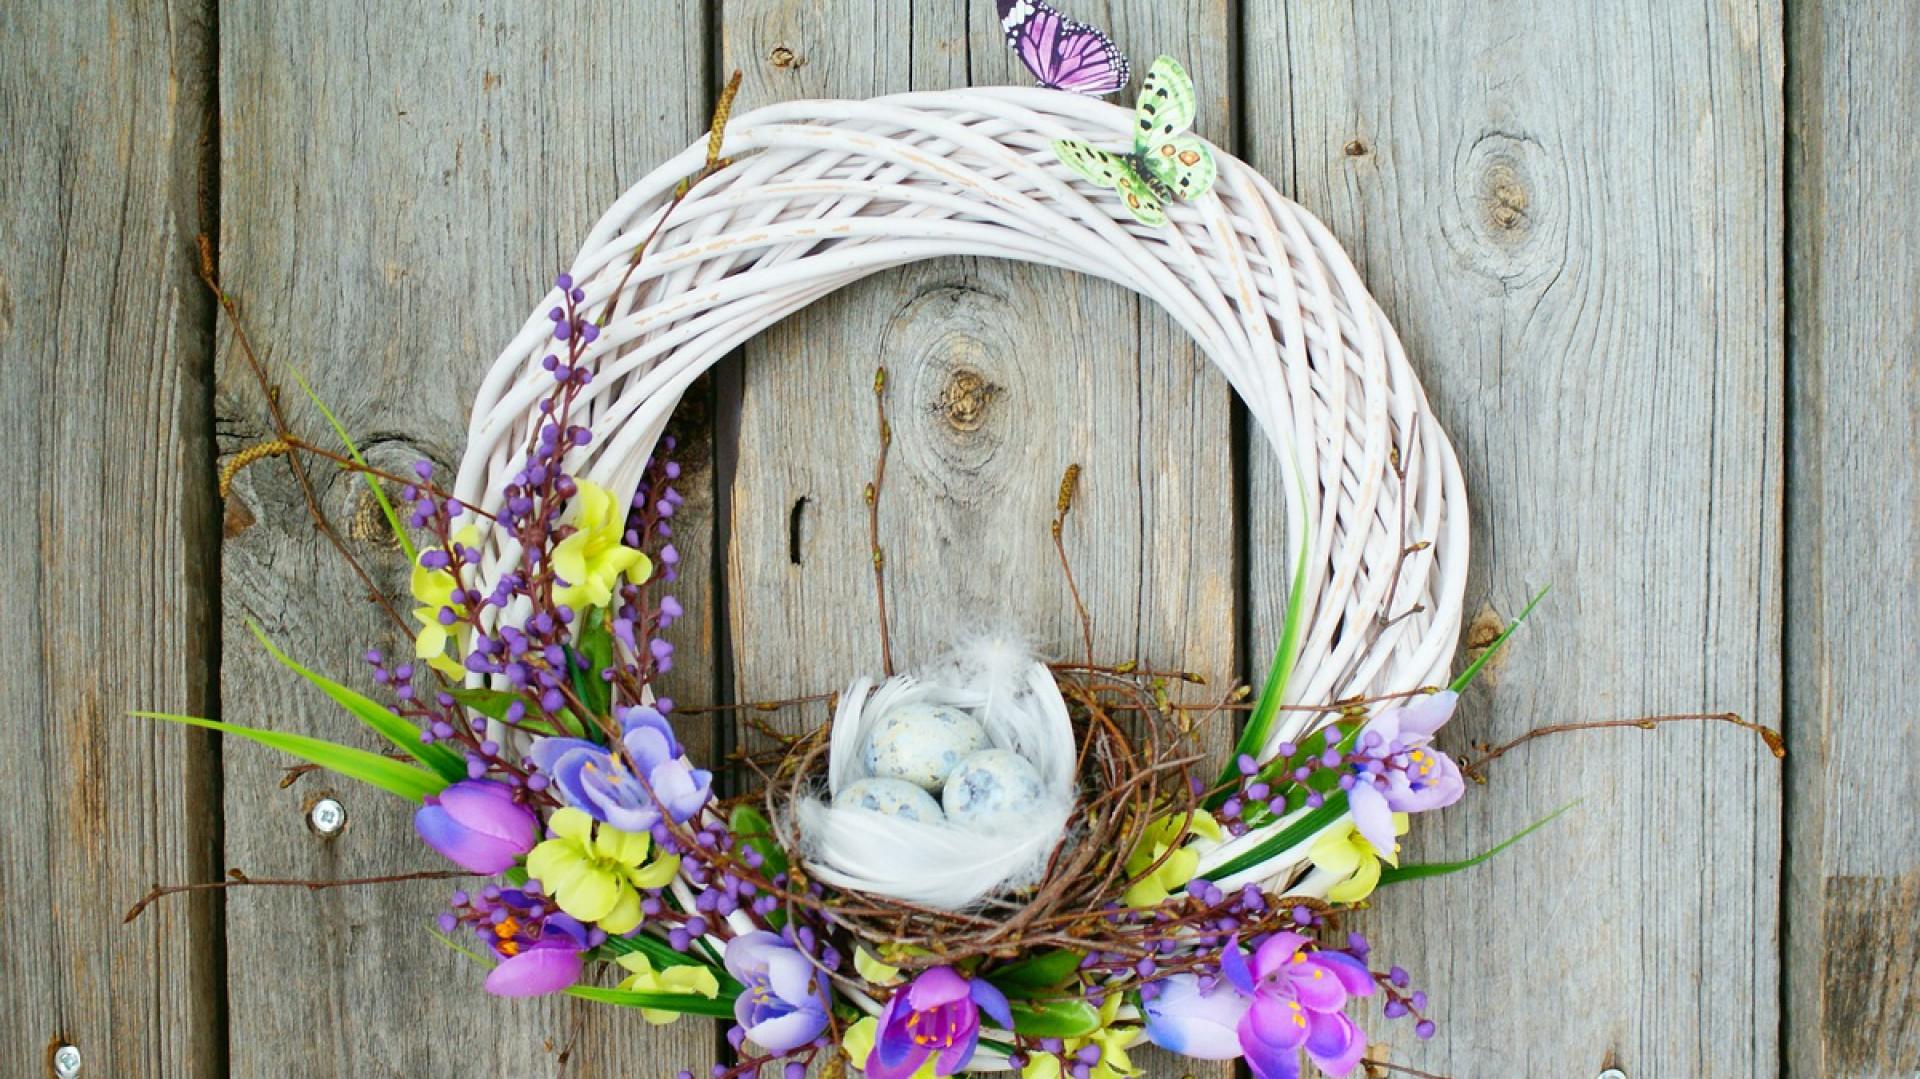 Zobacz Jak Zrobić Wielkanocny Wianek Z Ptasim Gniazdkiem